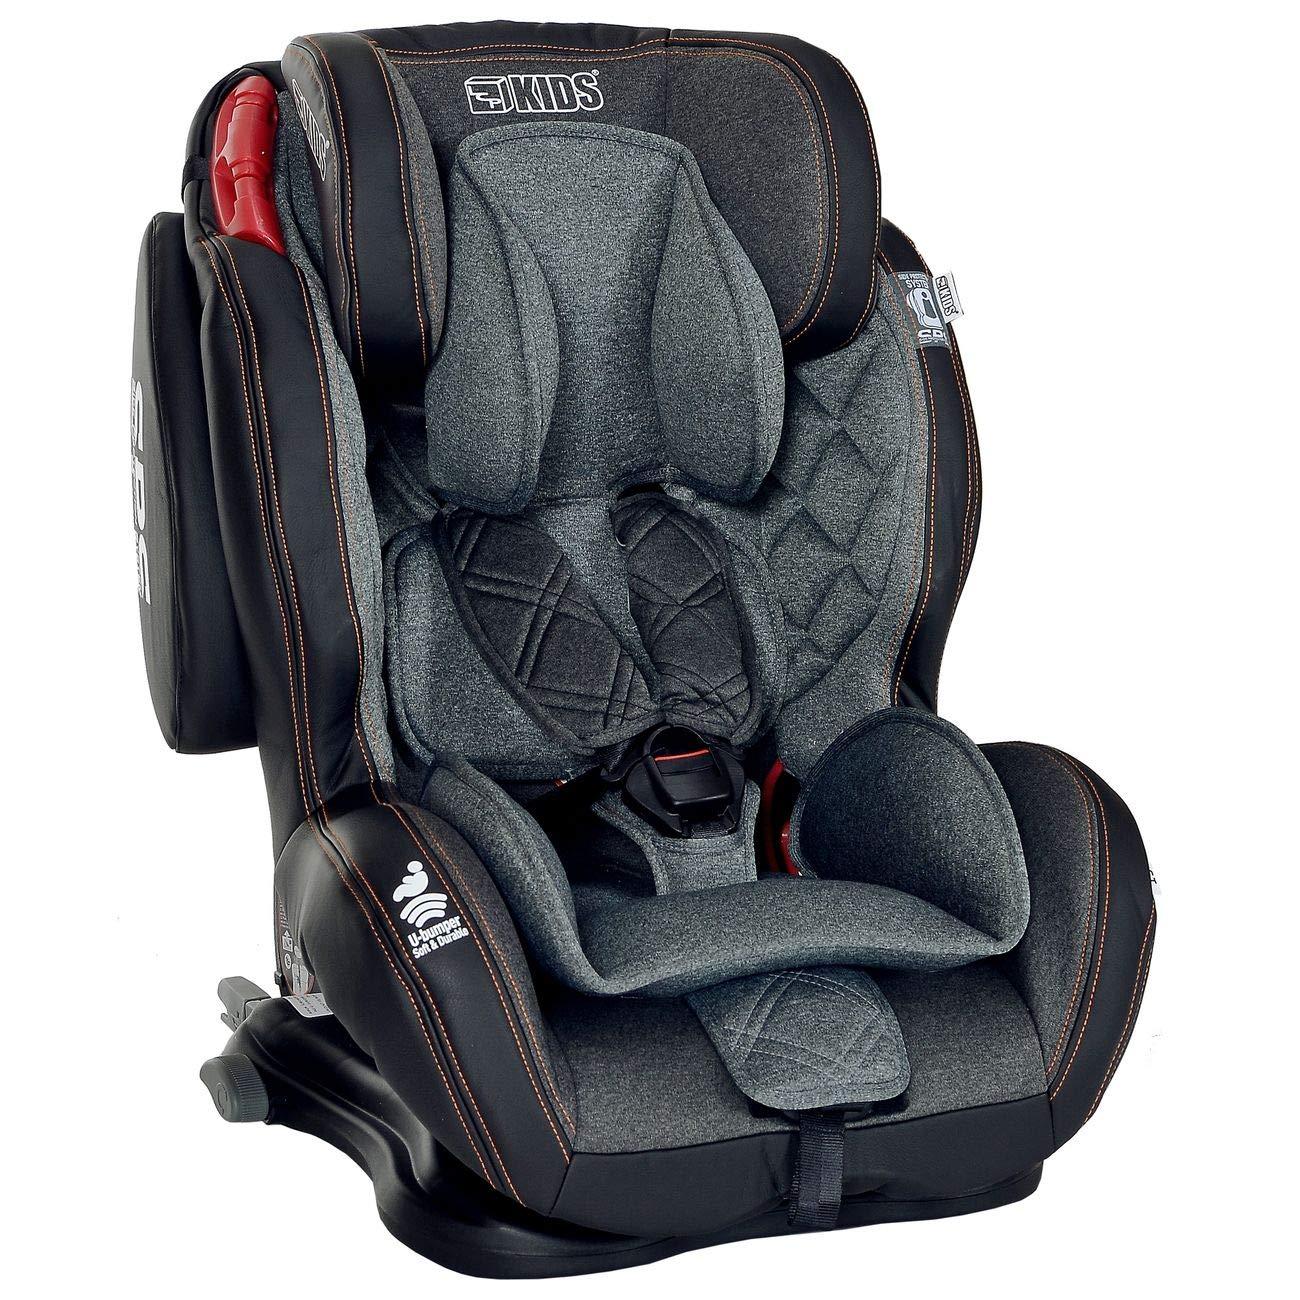 LCP Kids Autokindersitz Isofix 9-36 kg GT Comfort Gruppe 1 2 3 - schwarz 1052